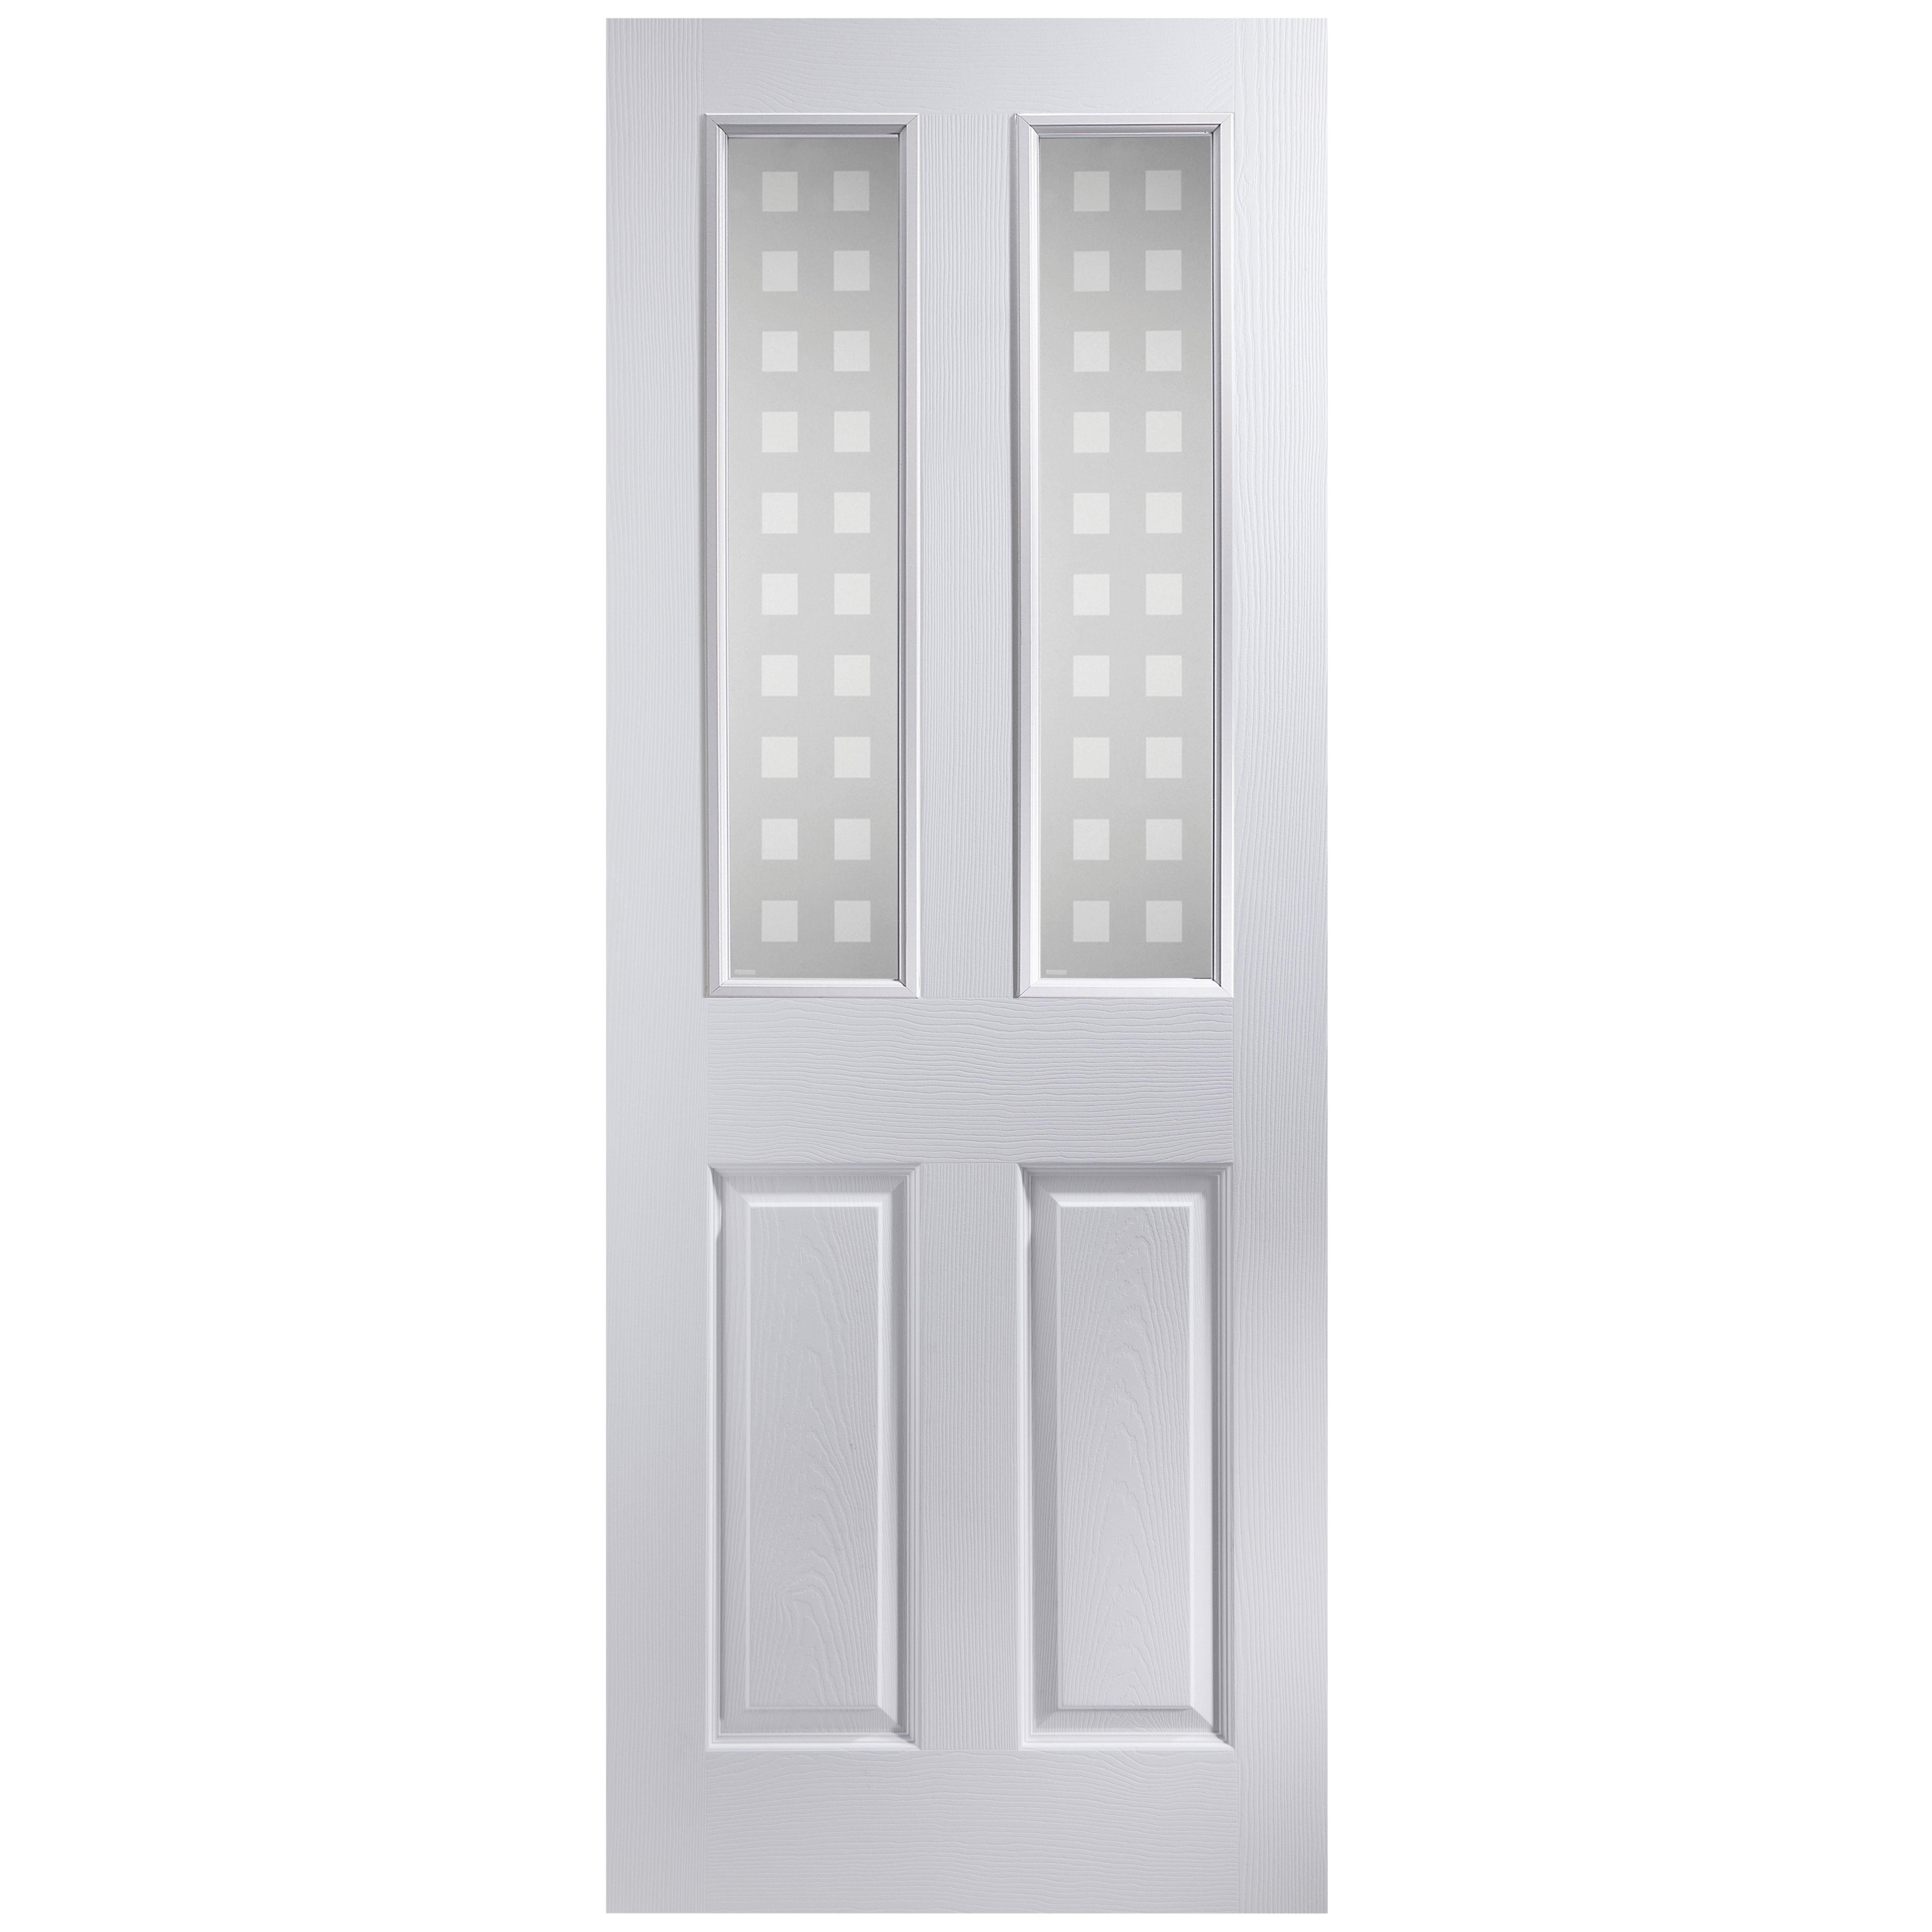 Bnq Doors View Sliding Patio Doors Details